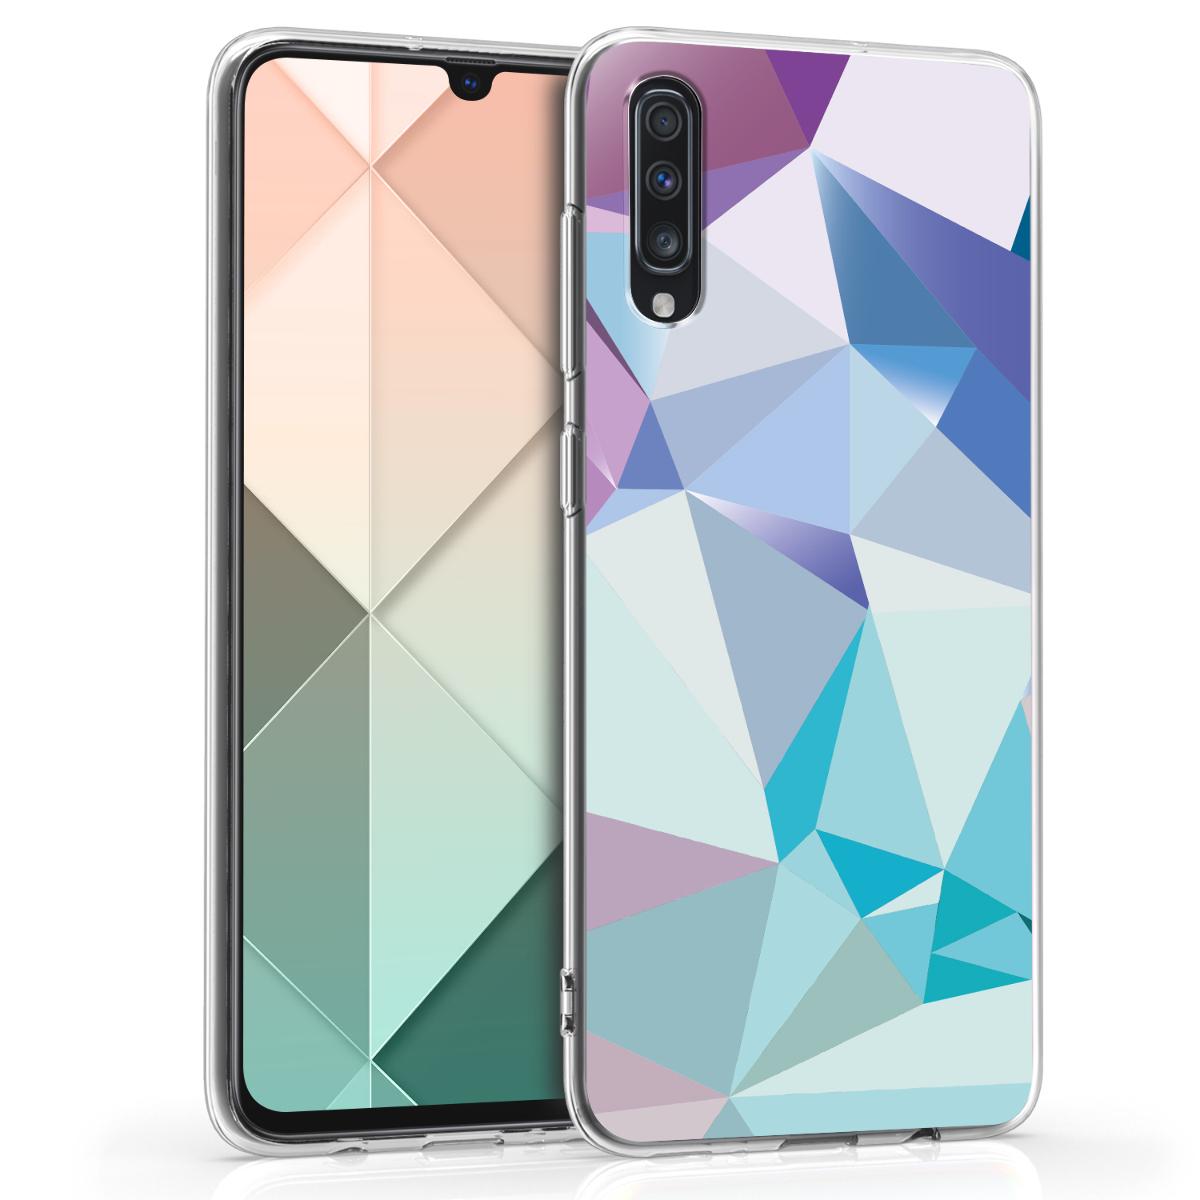 Kvalitní silikonové TPU pouzdro pro Samsung A70 - 3D trojúhelníky světle  modré / světle  růžová / modré